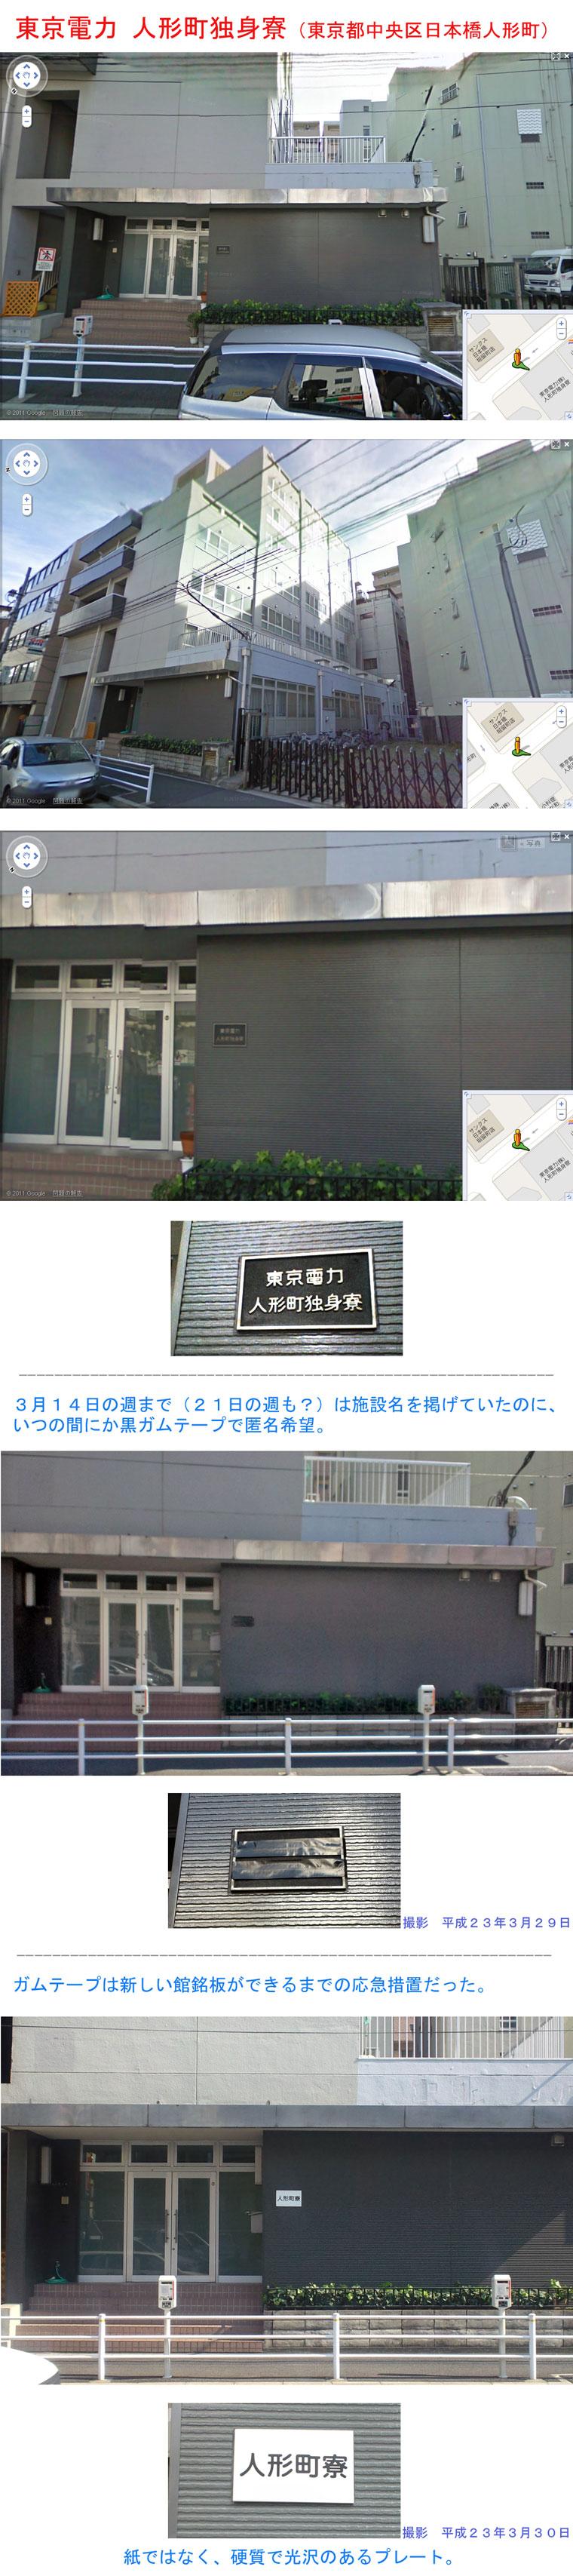 東電「社員寮の表札を変えたのは社員の安全を守るため」のサムネイル画像